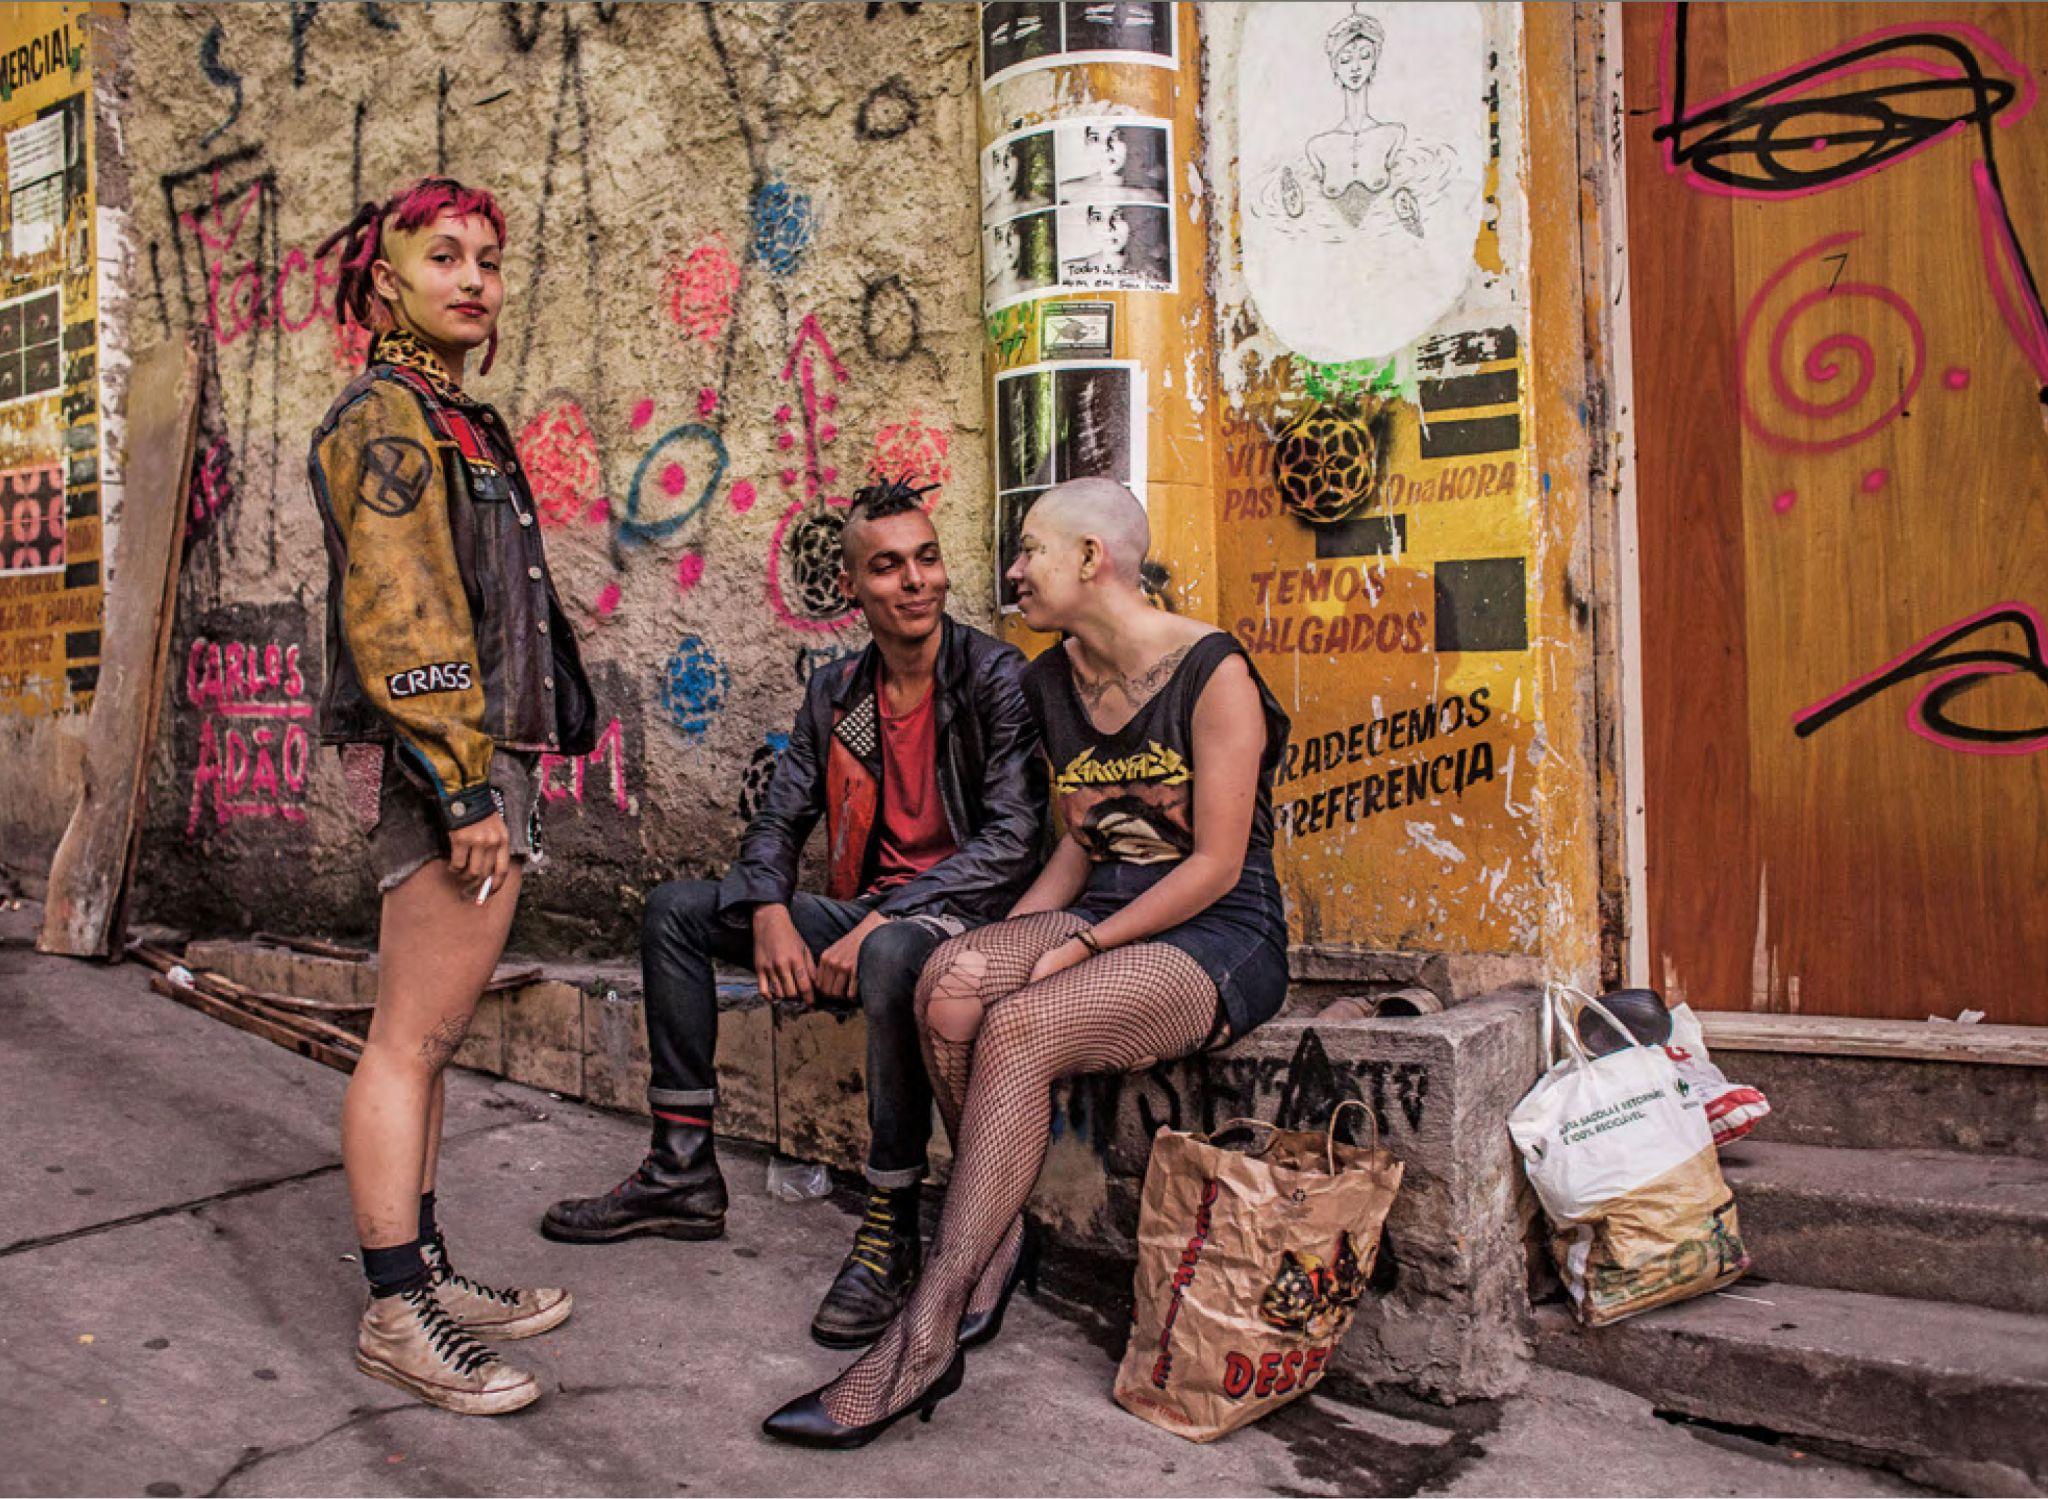 Integrantes do coletivo Anhangabaroots diante de uma ocupação cultural na rua do Ouvidor, 63, no centro de São Paulo. Coletivos têm ocupado imóveis vazios para transformá-los em espaços culturais e de trabalho. 27 de junho. Mídia Ninja